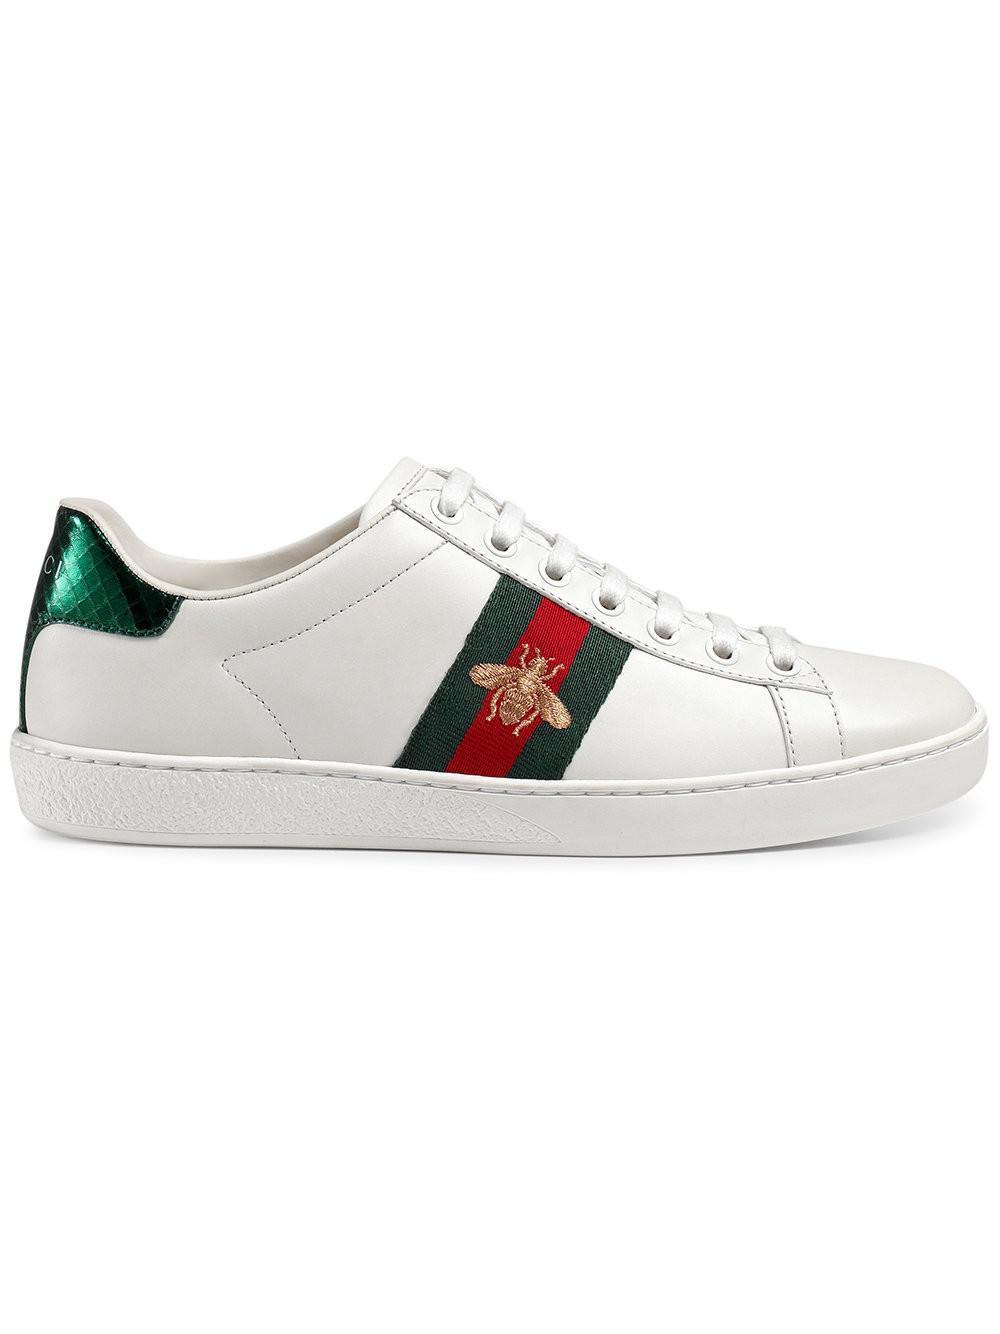 Cavalli Shoes Mens Sale